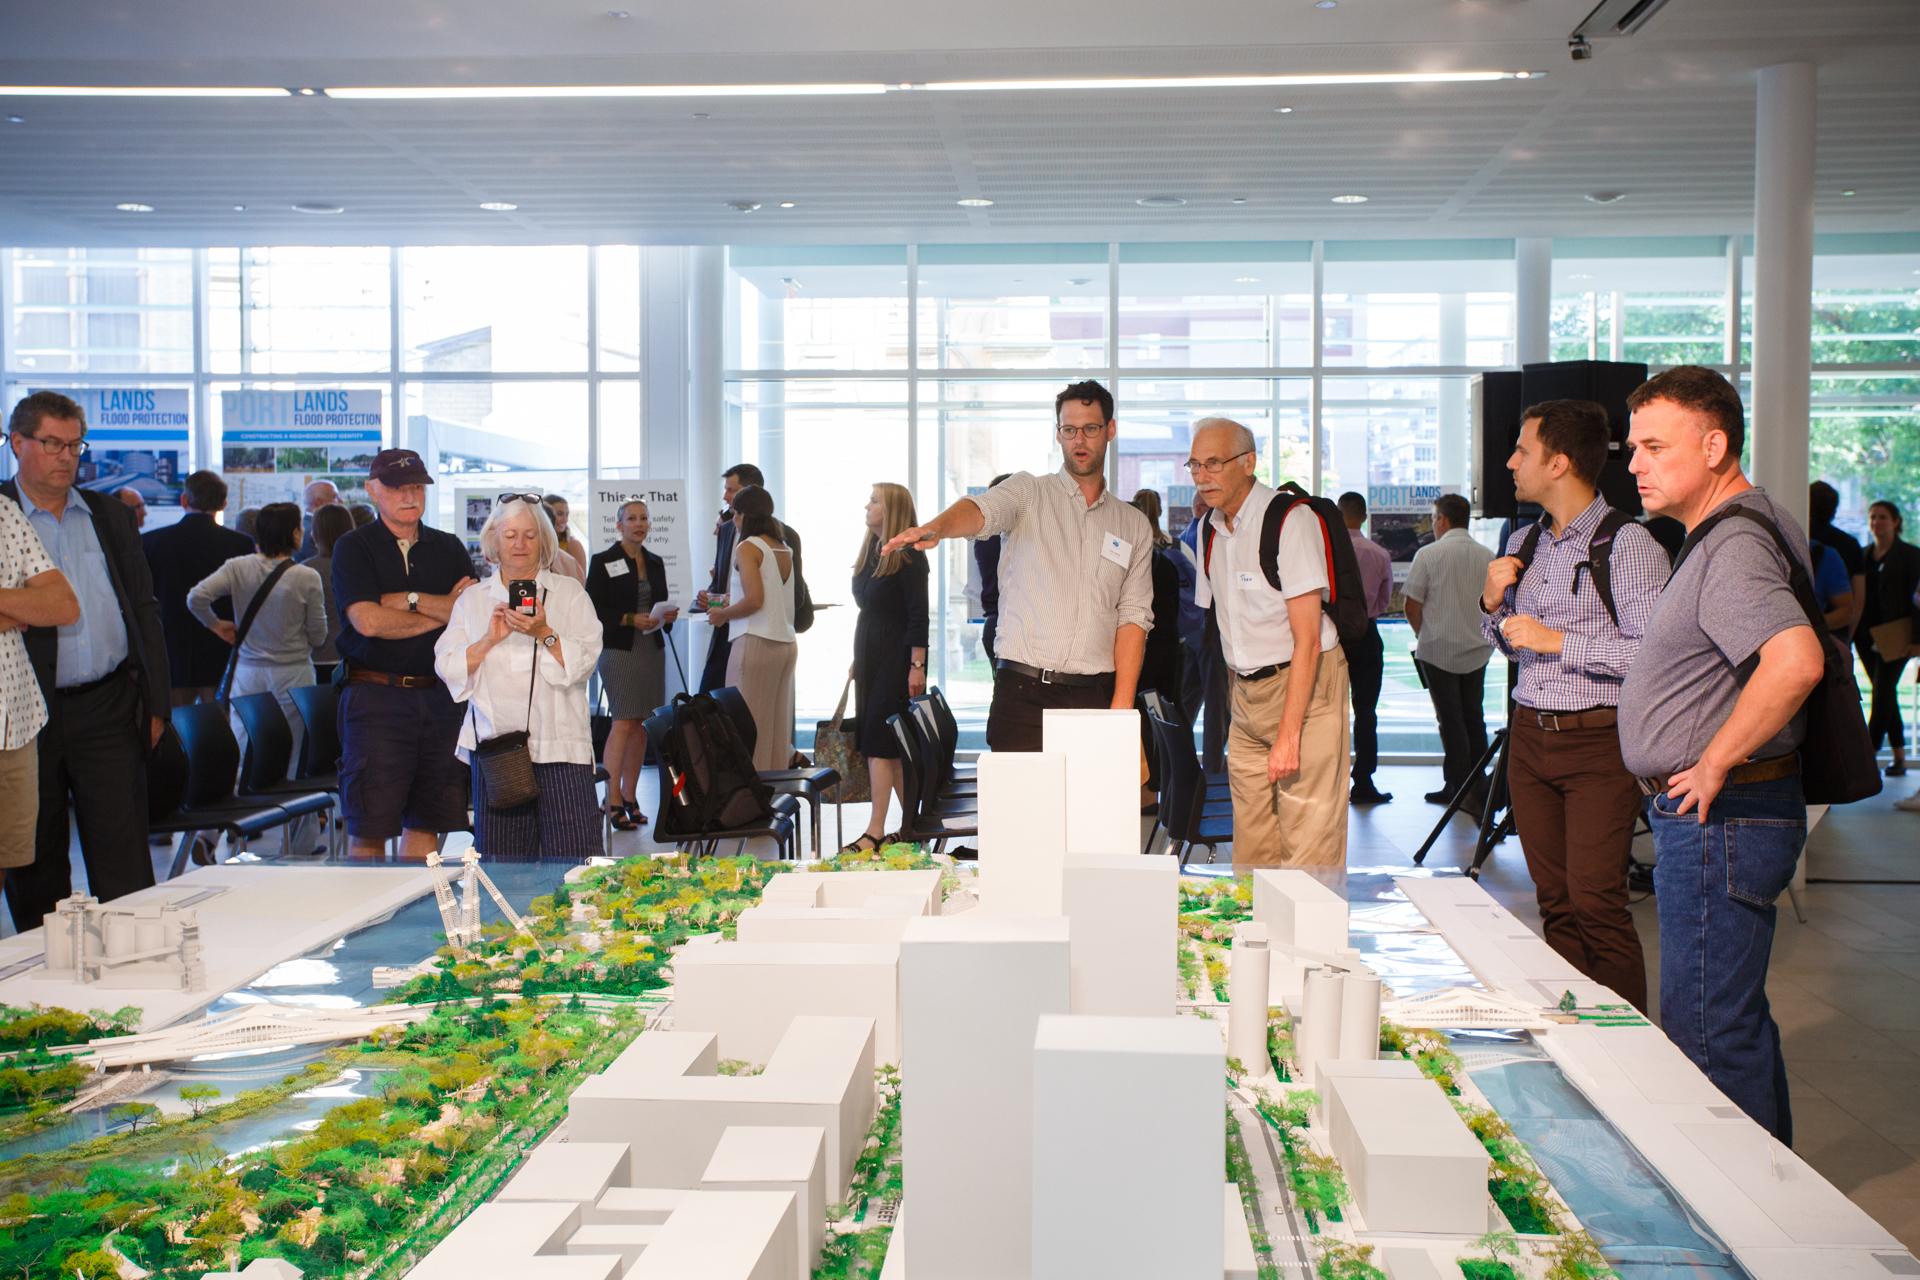 Crowds exploring the Port Lands model.